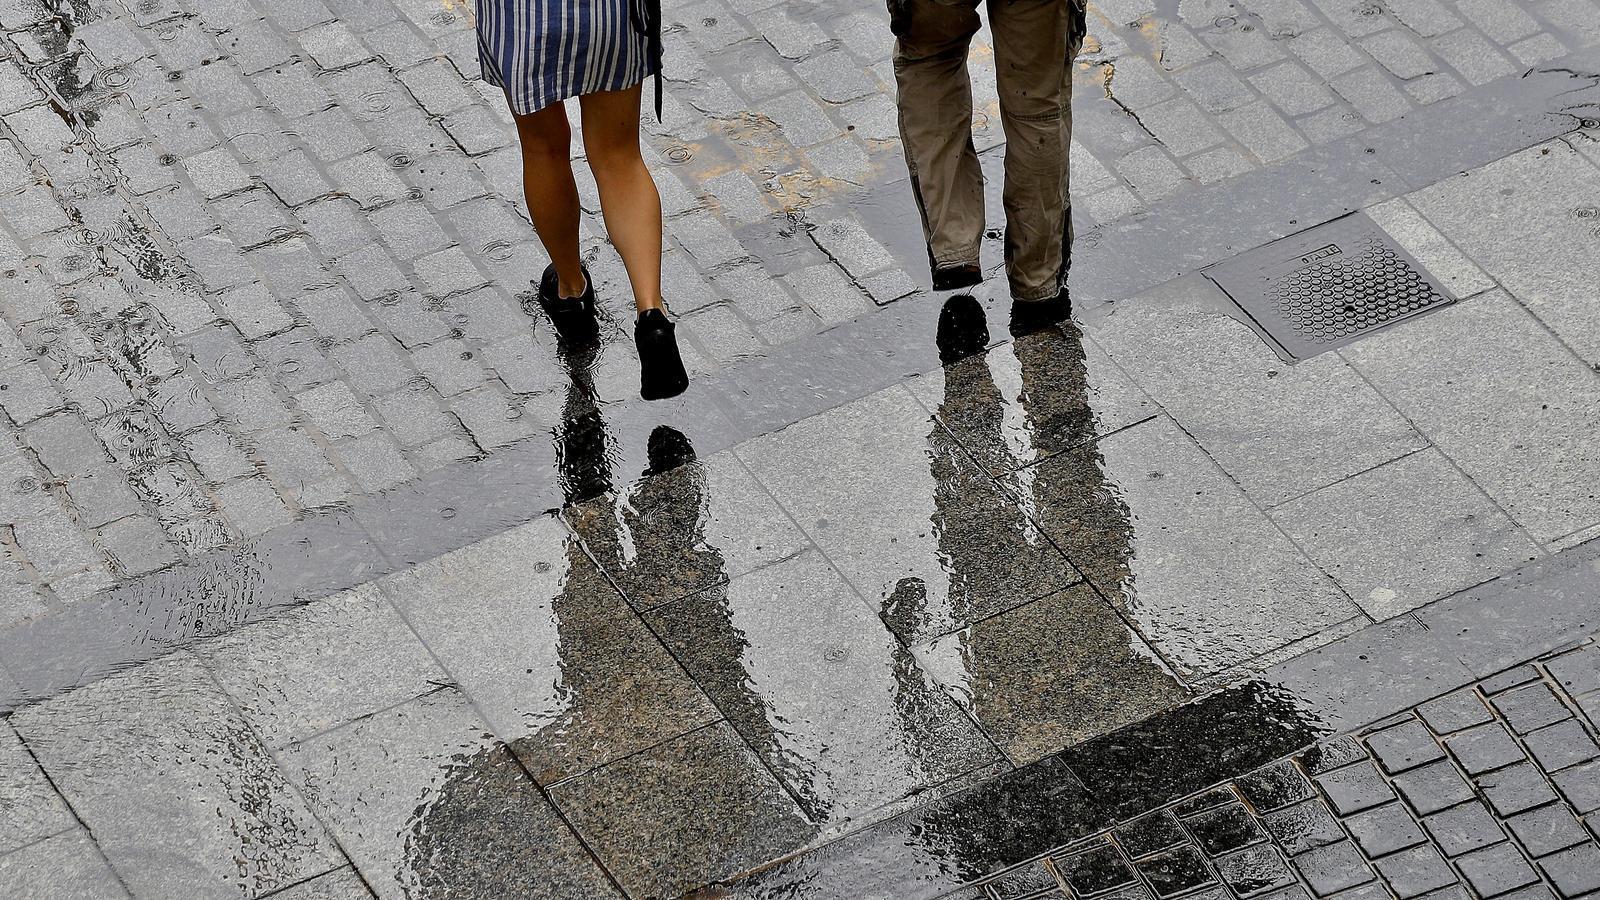 Dues persones caminen pel carrer mentre plou.